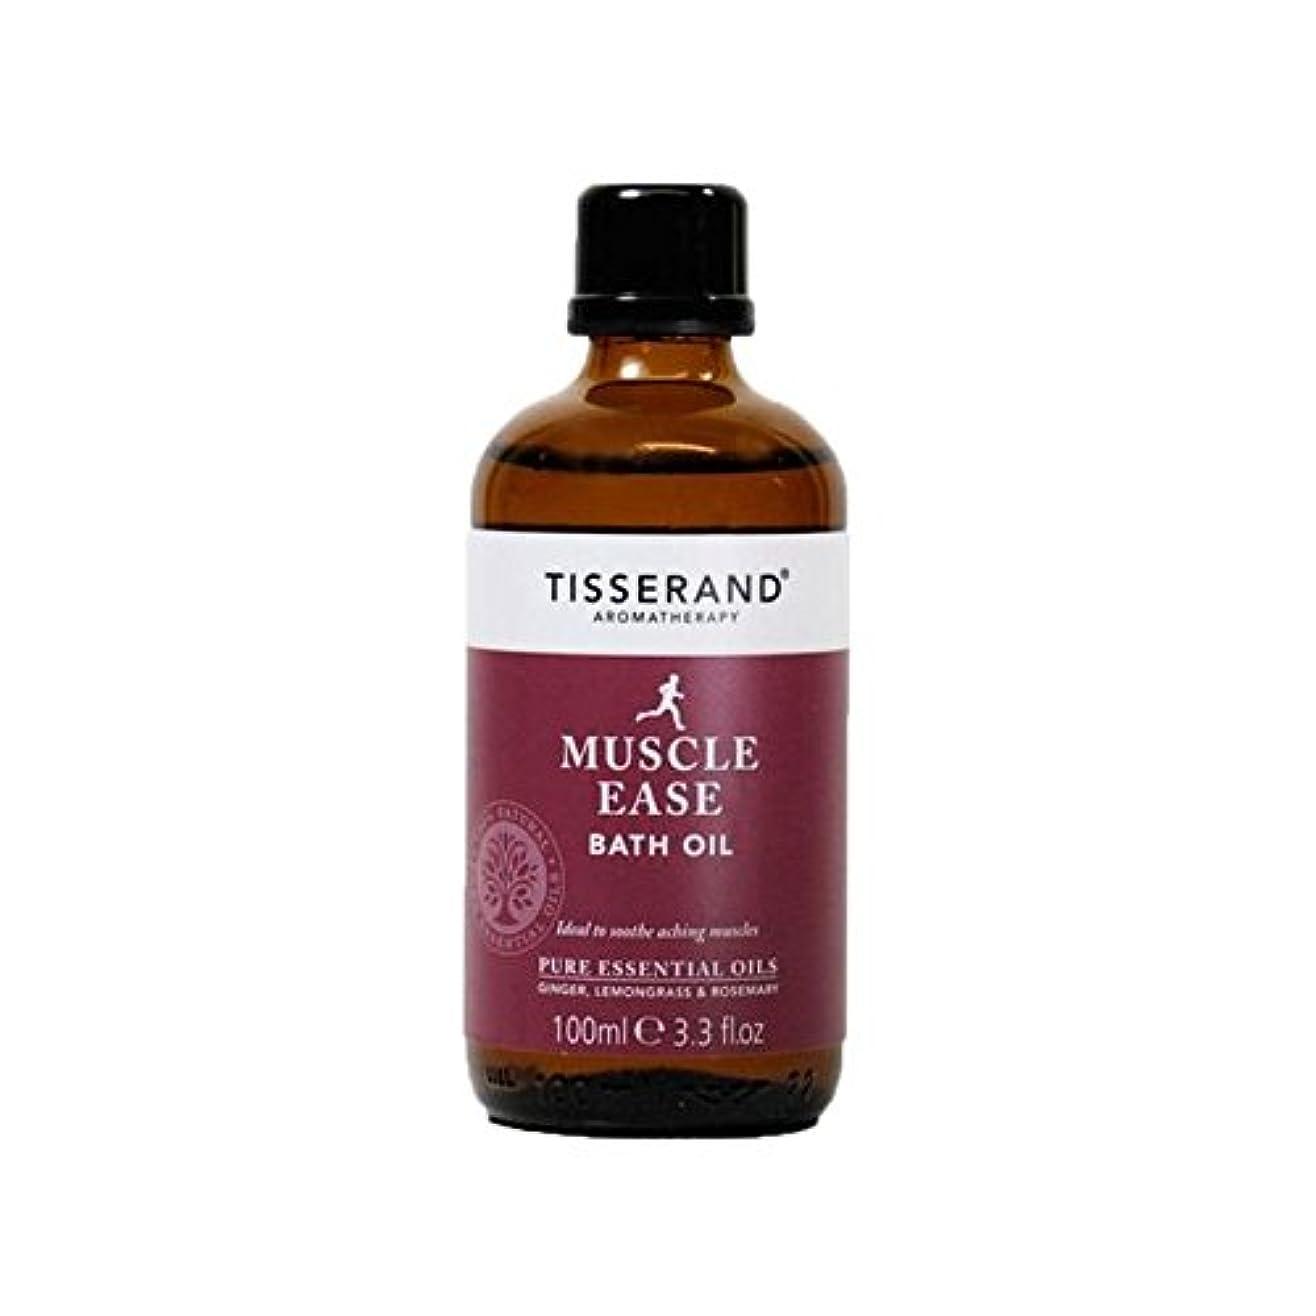 結晶中庭パーチナシティティスランド筋肉やすバスオイル100ミリリットル x2 - Tisserand Muscle Ease Bath Oil 100ml (Pack of 2) [並行輸入品]